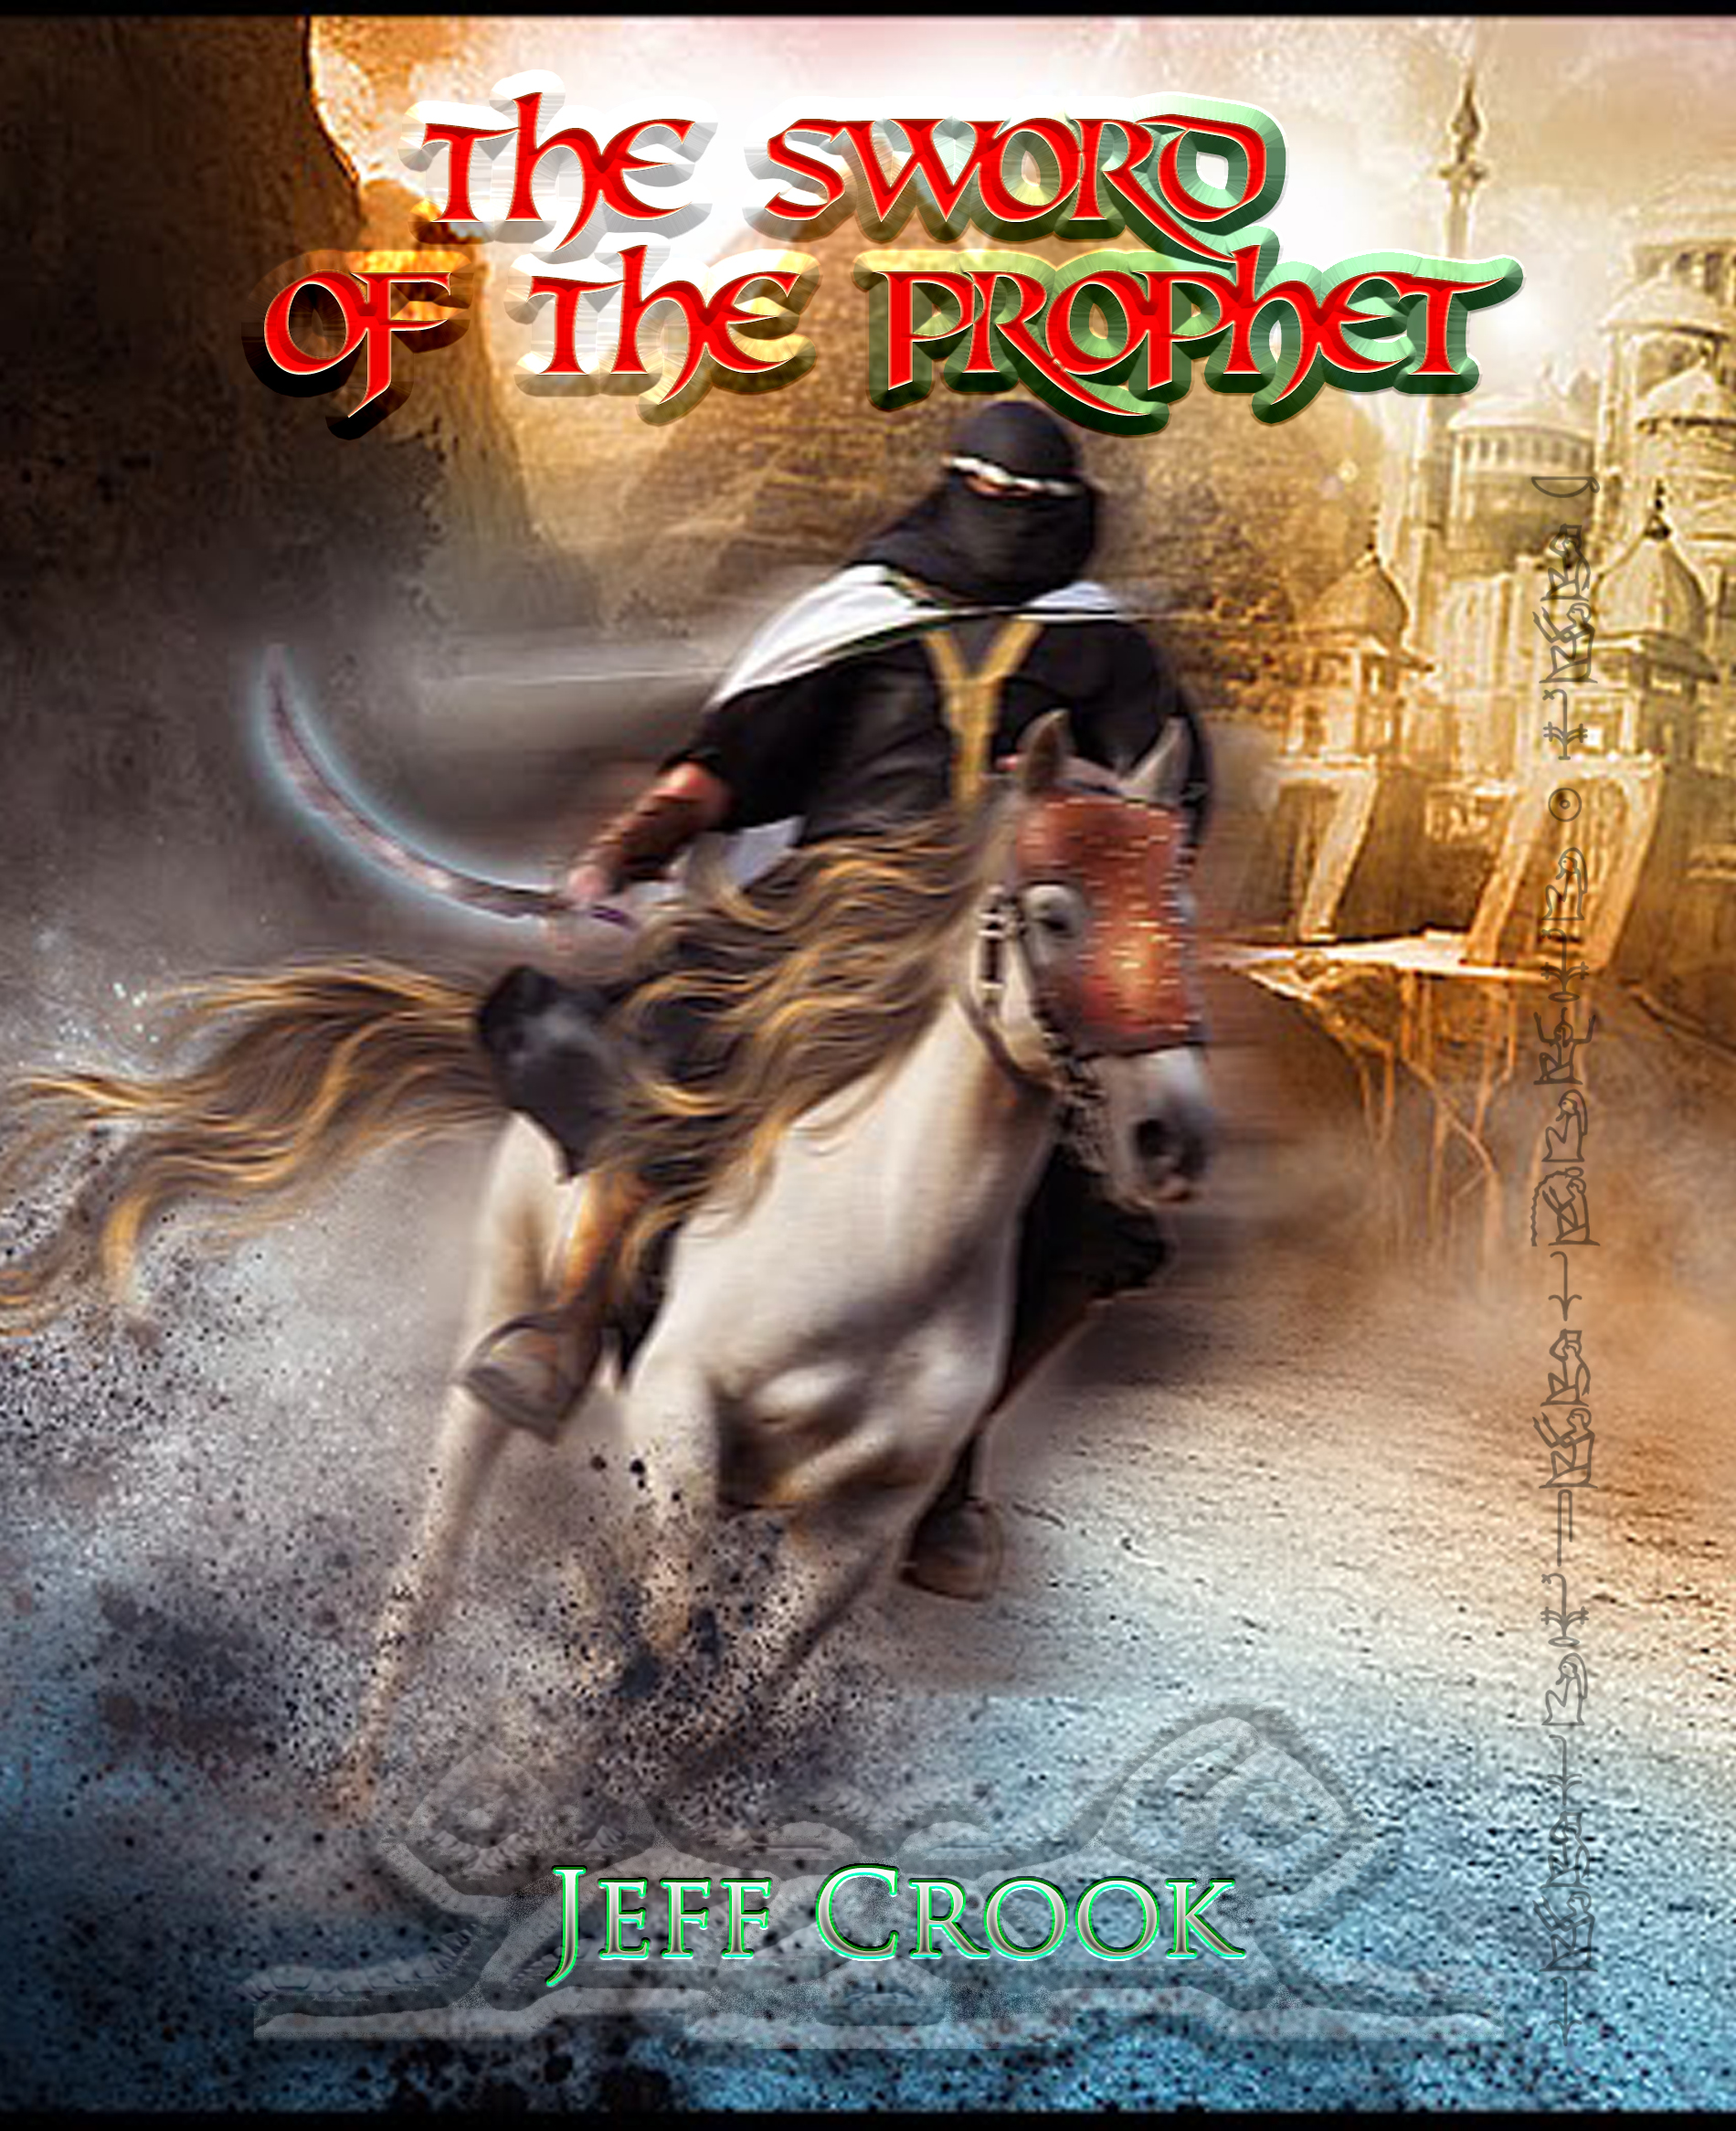 Jeff Crook - The Sword of the Prophet